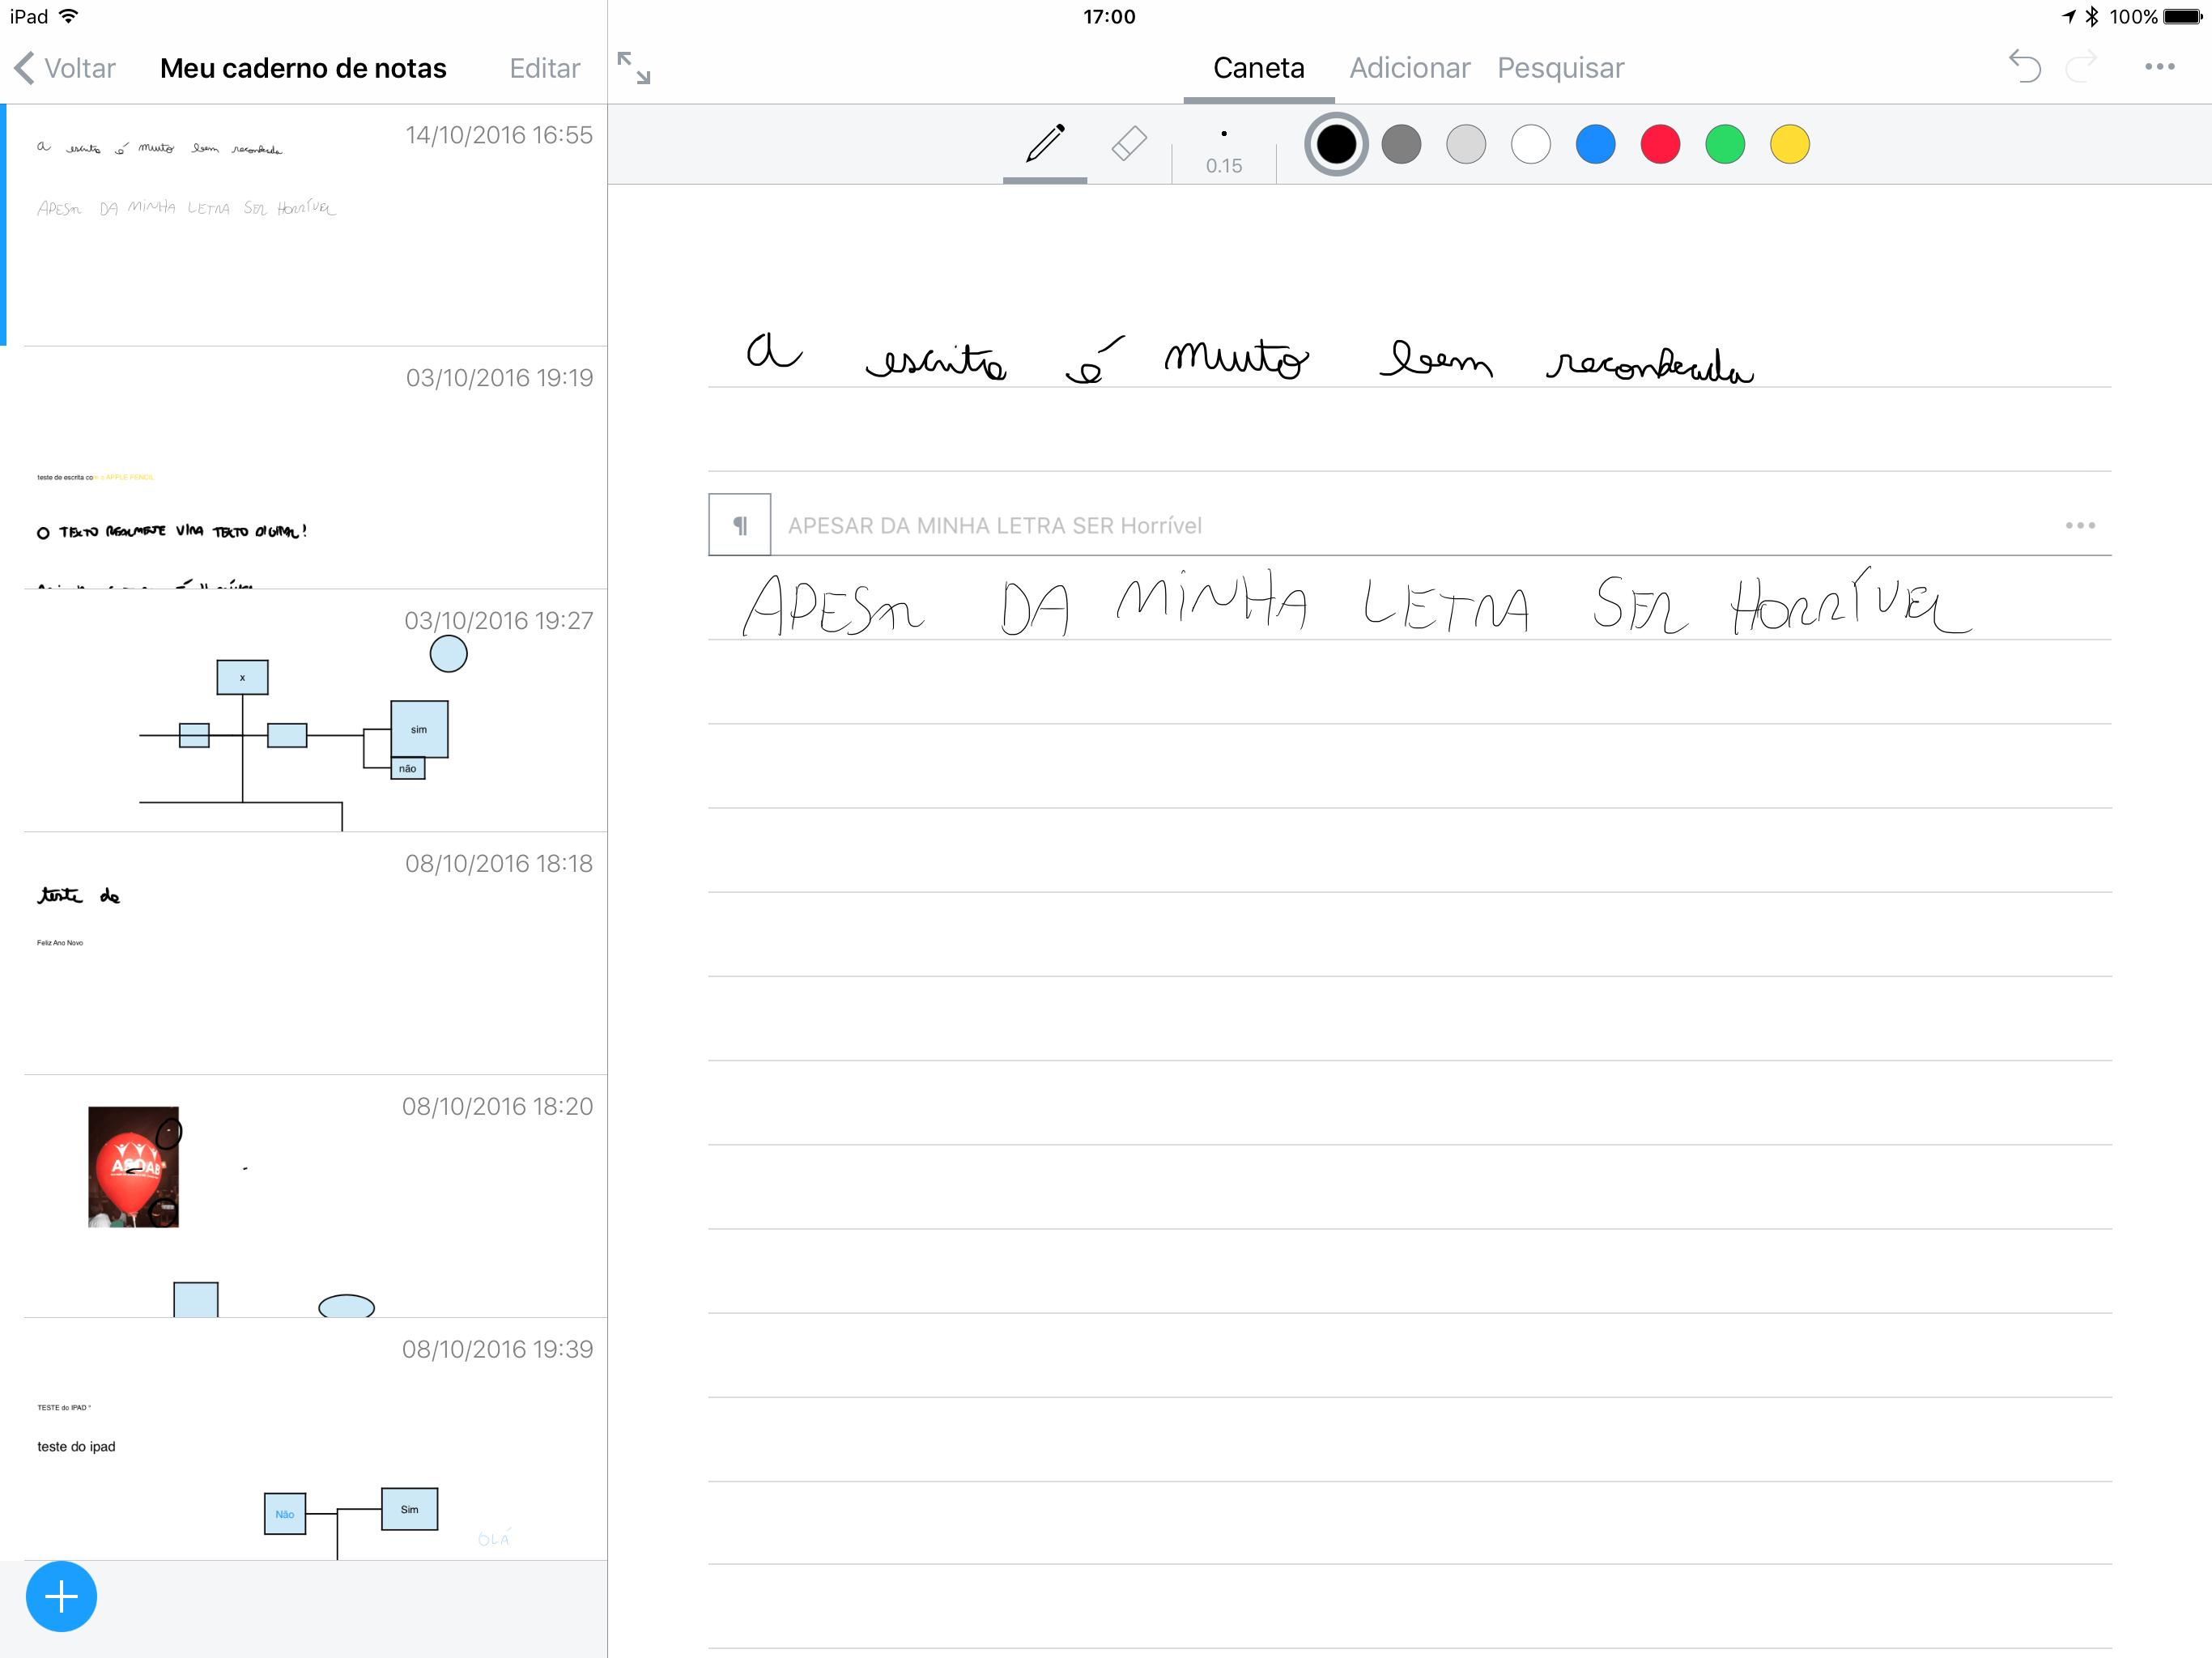 Test de escrita no app Nebo para iOS (iPads)